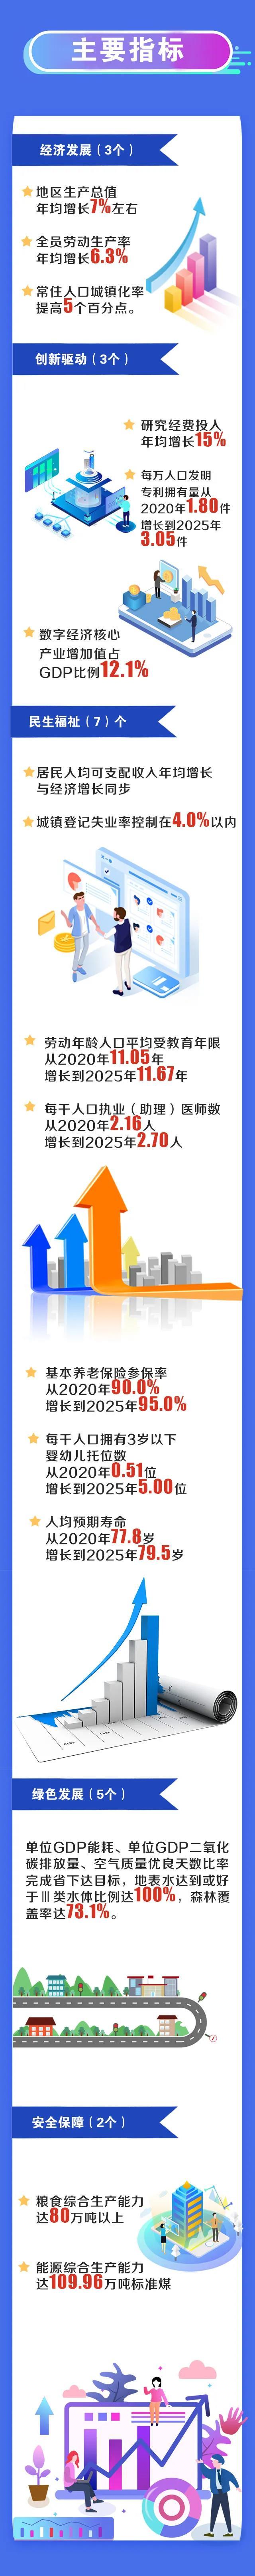 河源市人民政府关于印发河源市国民经济和社会发展第十四个五年规划和2035年远景目标纲要的2.jpg